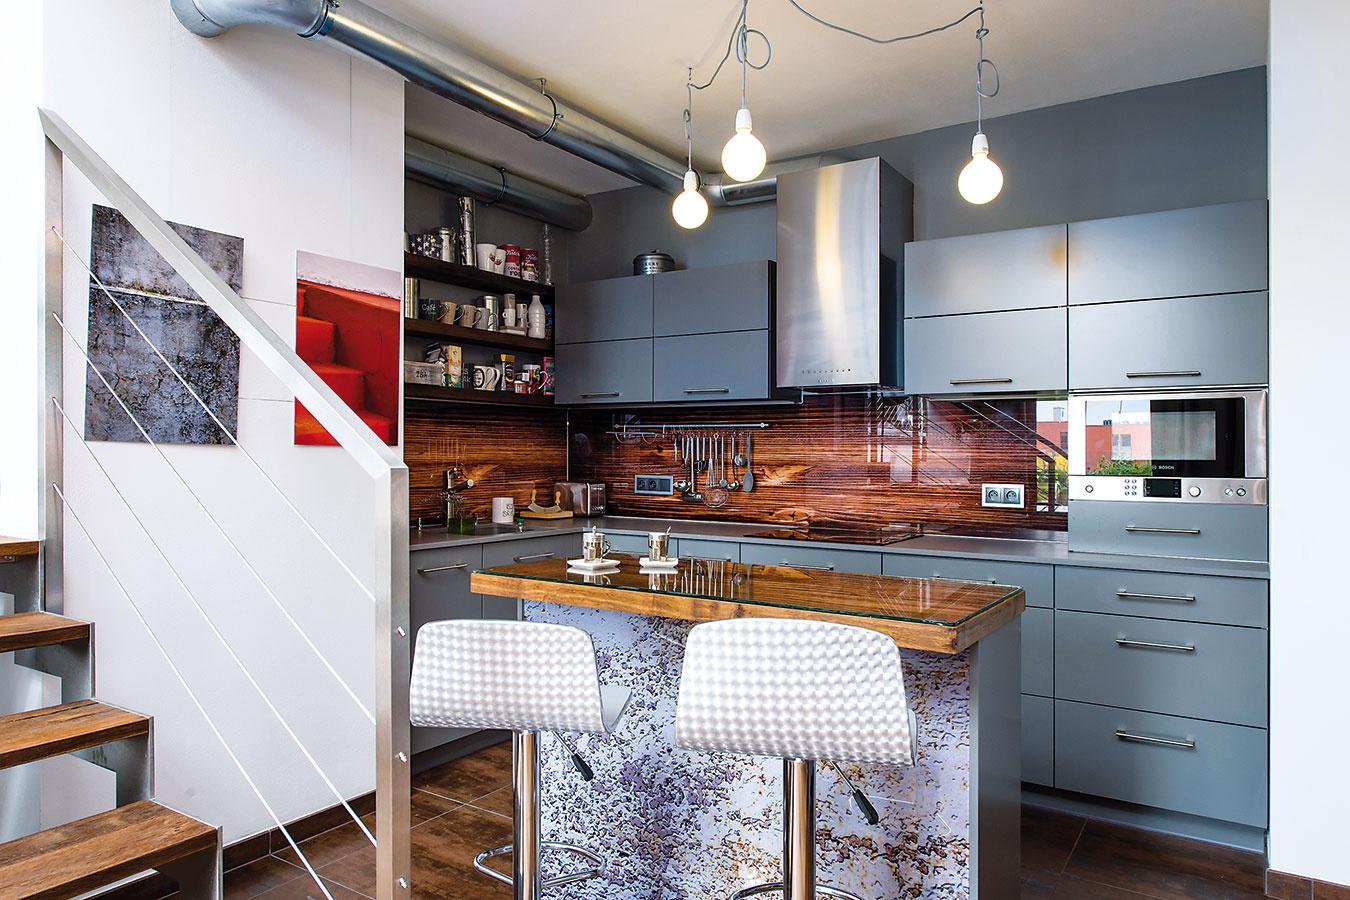 Vkuchynskom kúte. Pôvodne plánované béžové dvierka zmenila dizajnérka na sivé, vďaka čomu linka zapadla do celkového farebného konceptu interiéru.